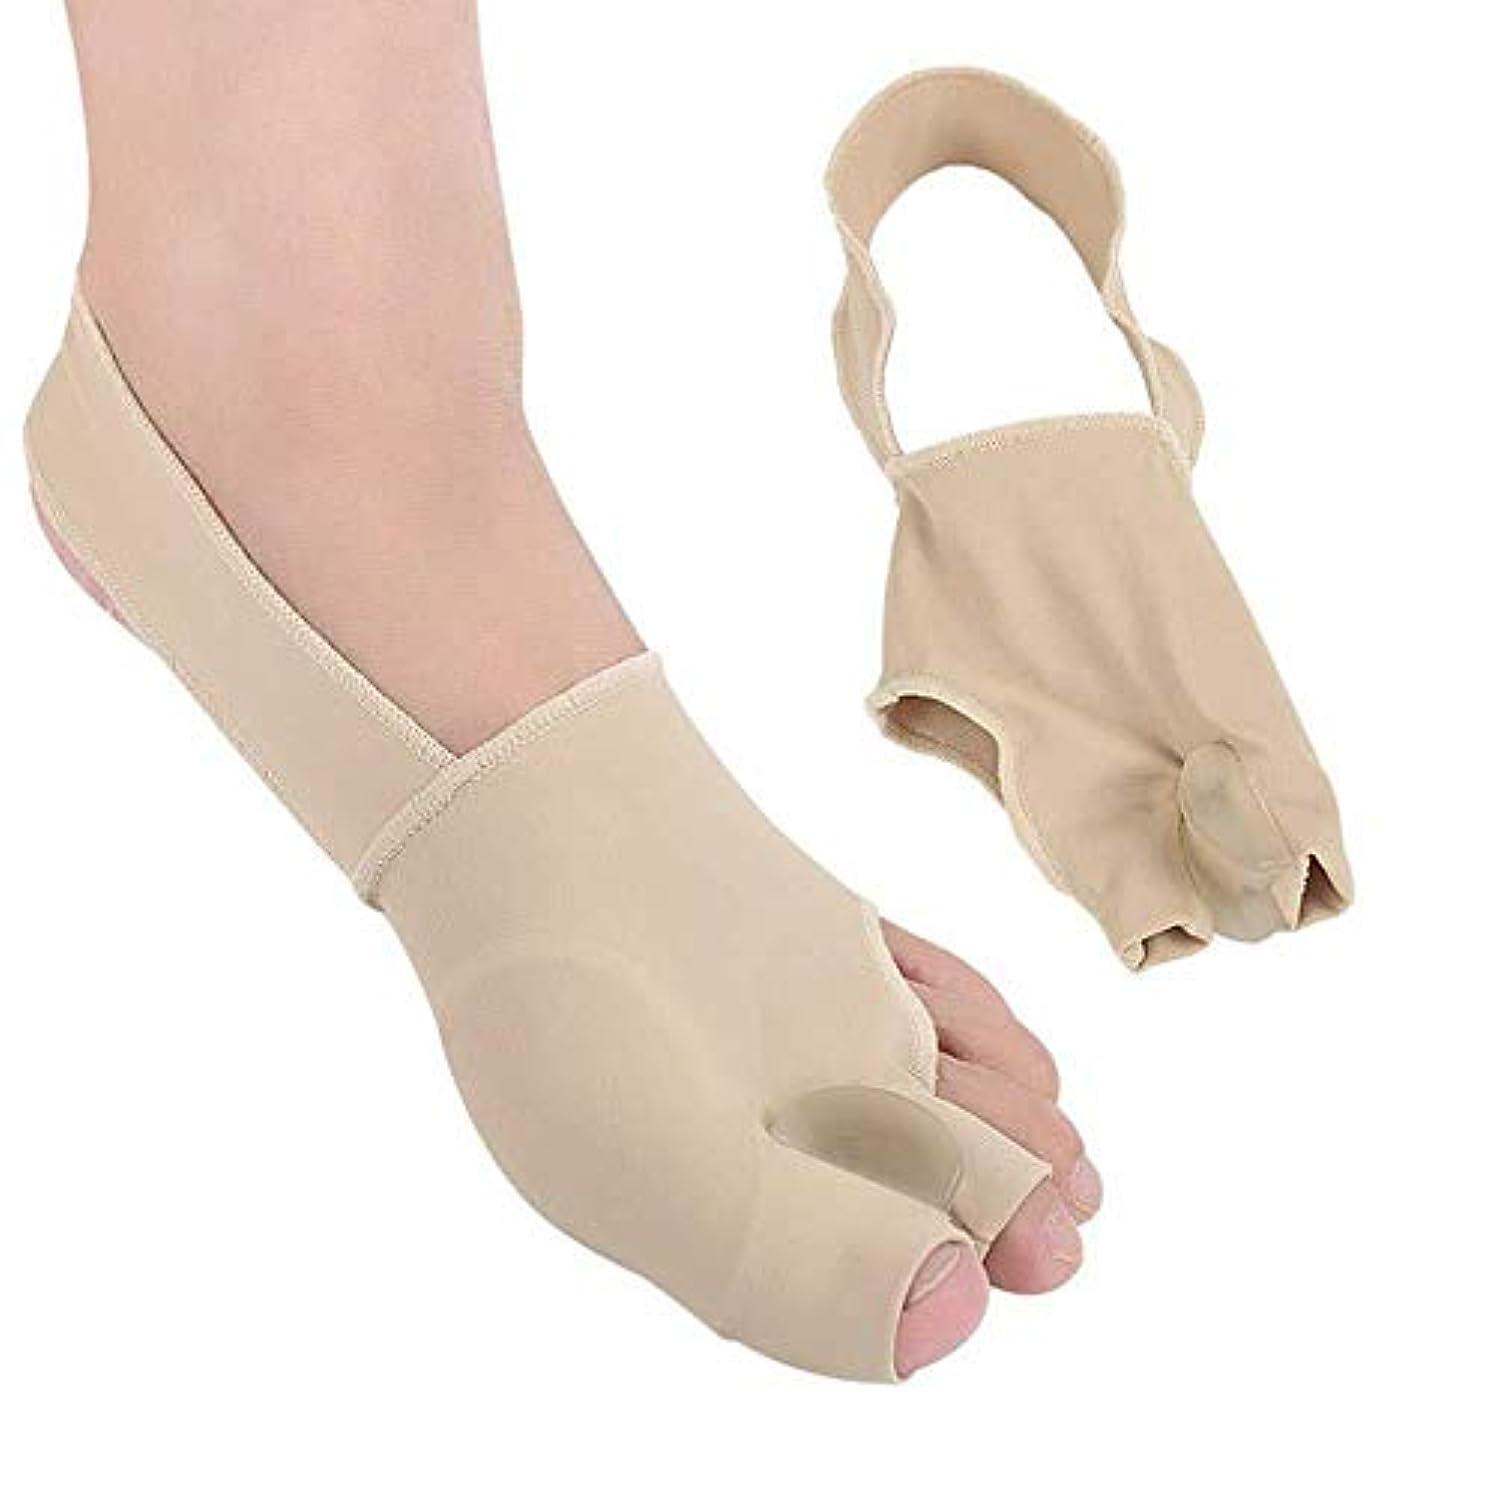 踏みつけ神今までつま先セパレーター、足の痛みを緩和する運動の治療のための超薄型整形外科のつま先の外反母supportサポート,L